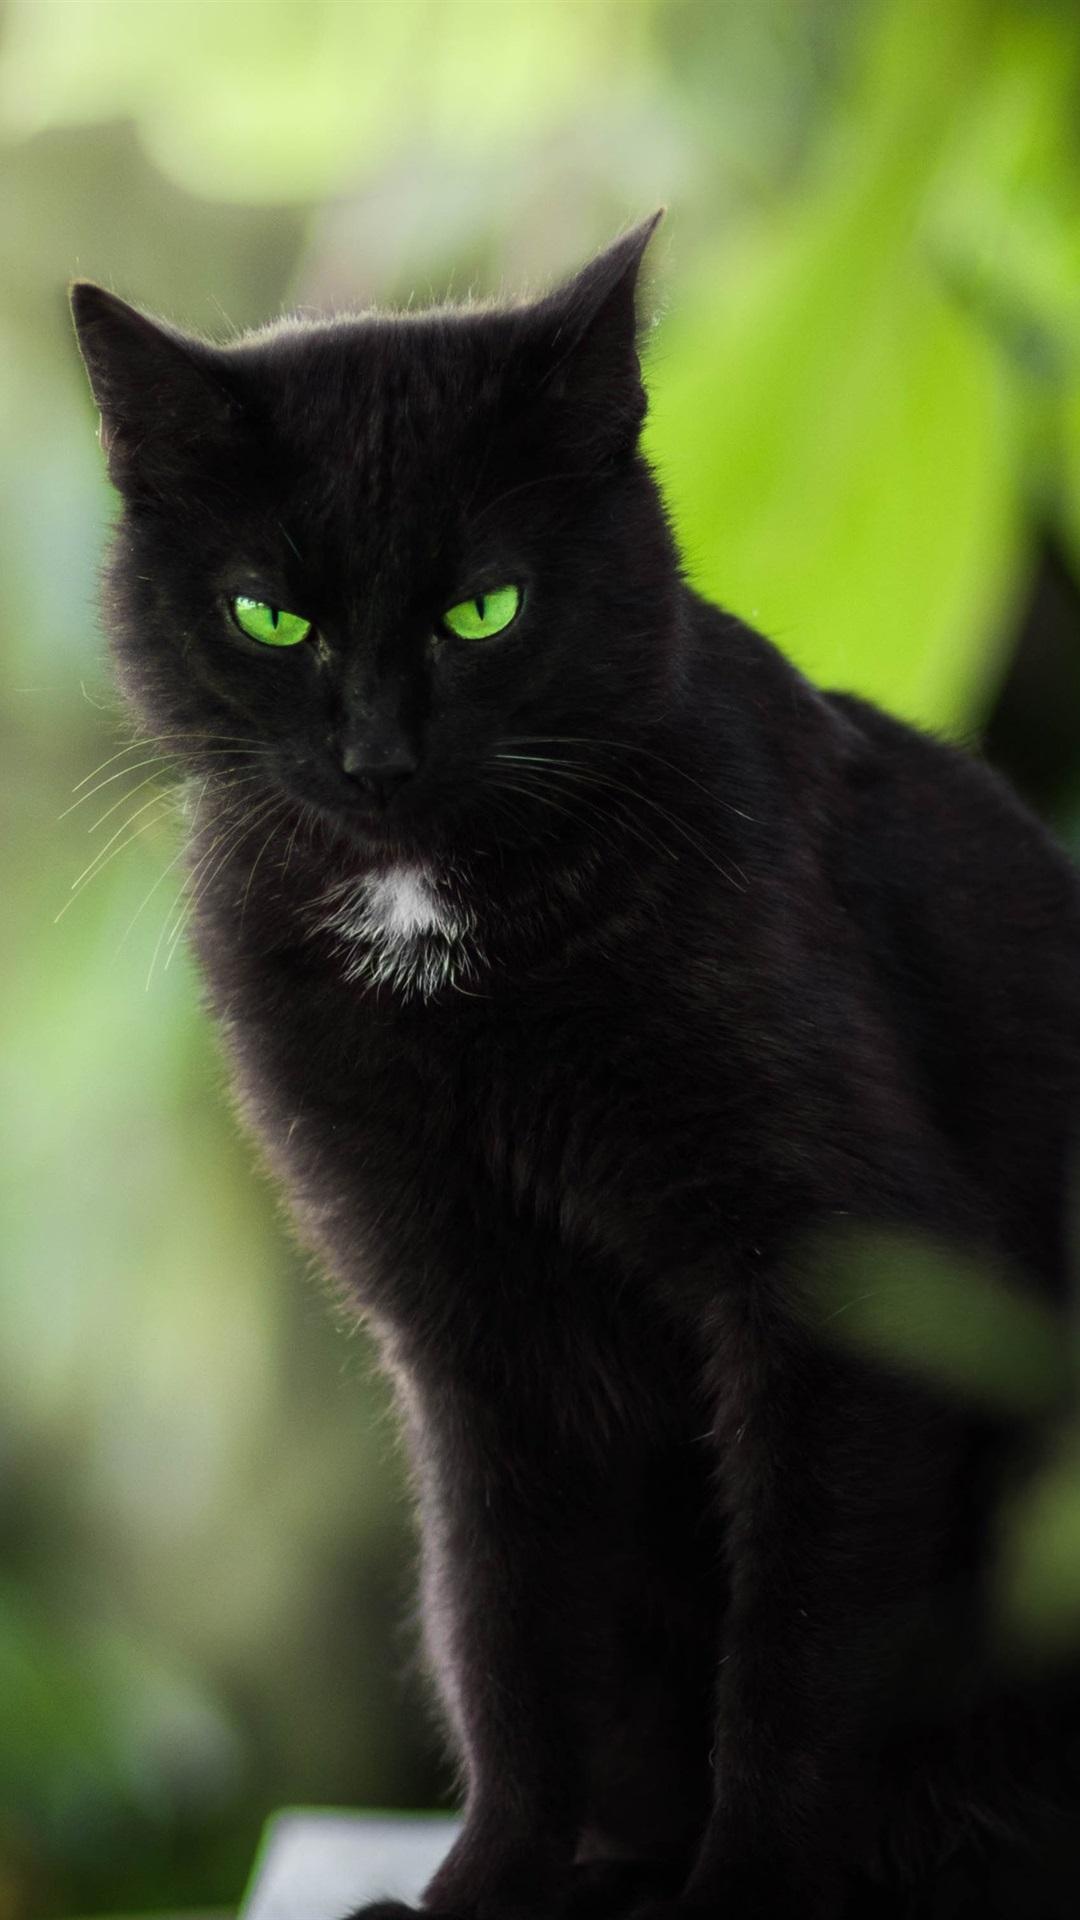 Картинки черные кошки с зелеными глазами, пожеланиями